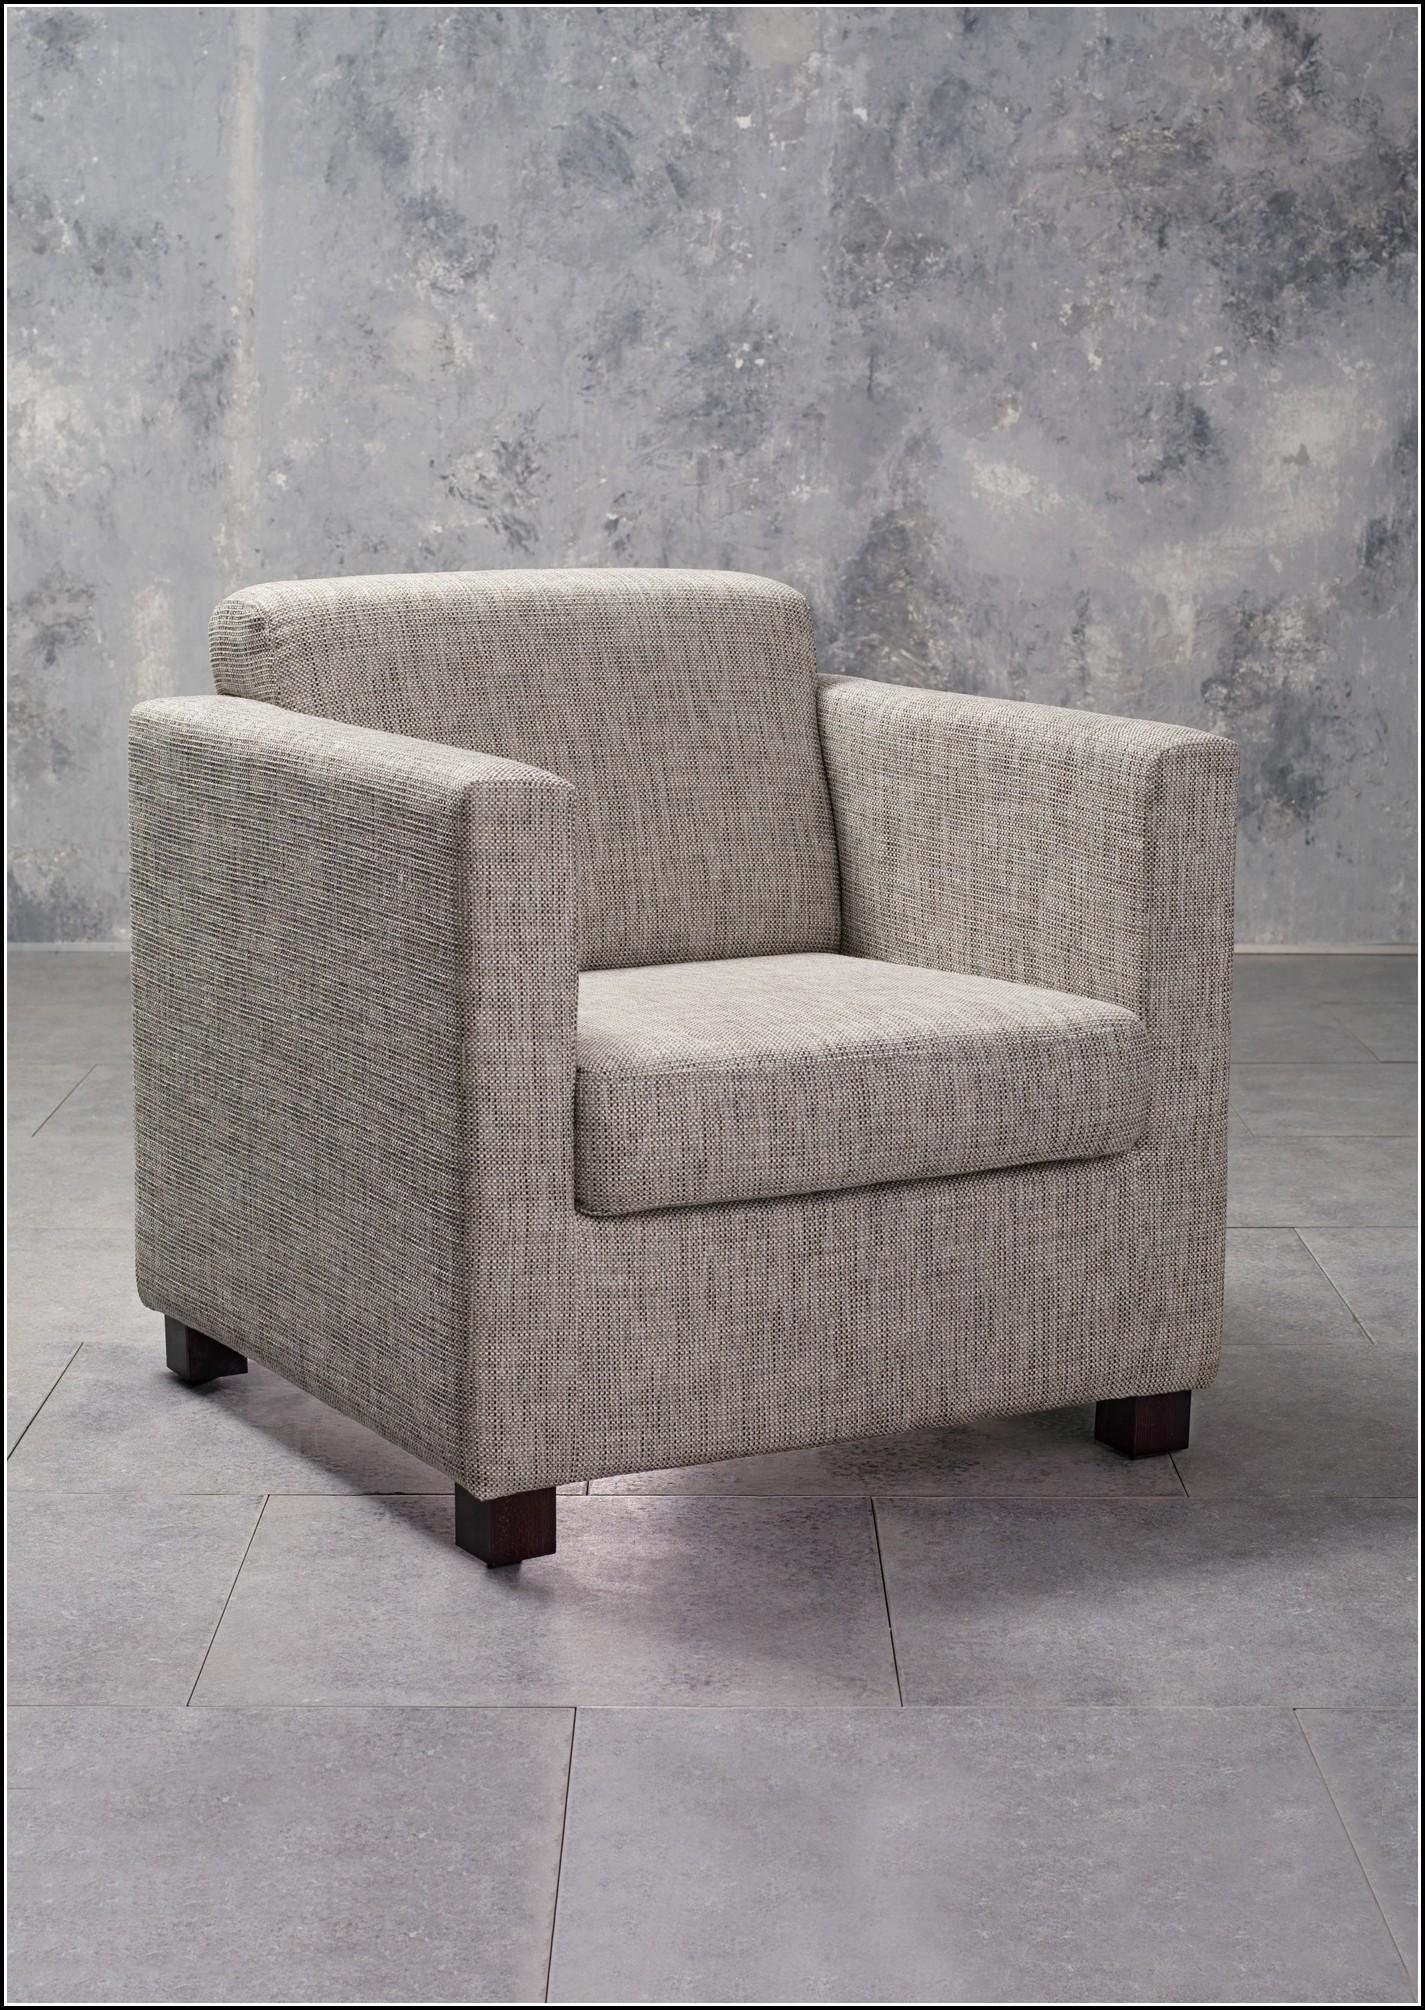 ewald schillig sessel lido sessel house und dekor galerie 0n1xna2k7j. Black Bedroom Furniture Sets. Home Design Ideas